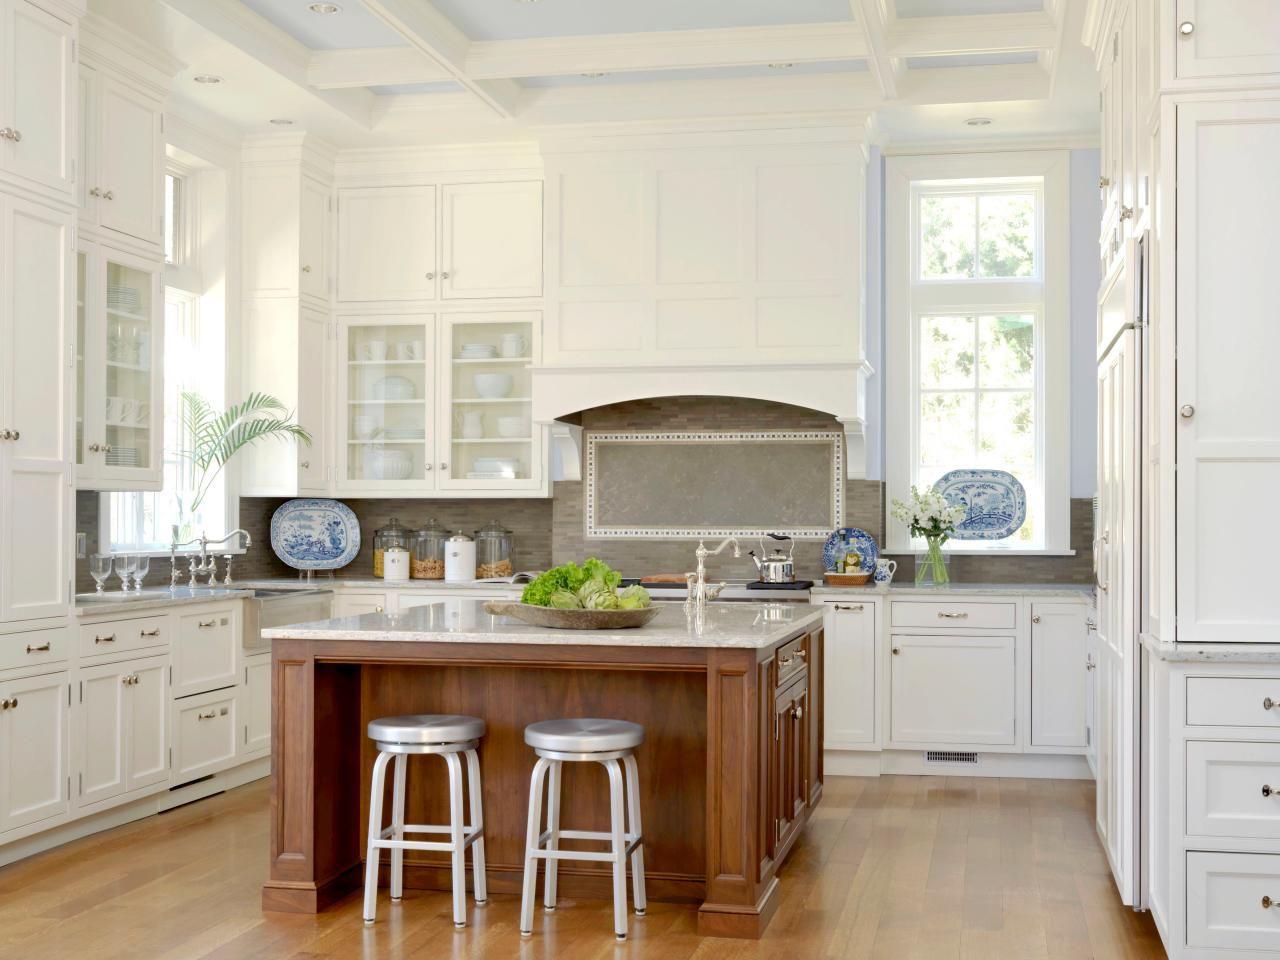 Best White Kitchen Ideas For A Clean Design Kitchen Remodel 400 x 300